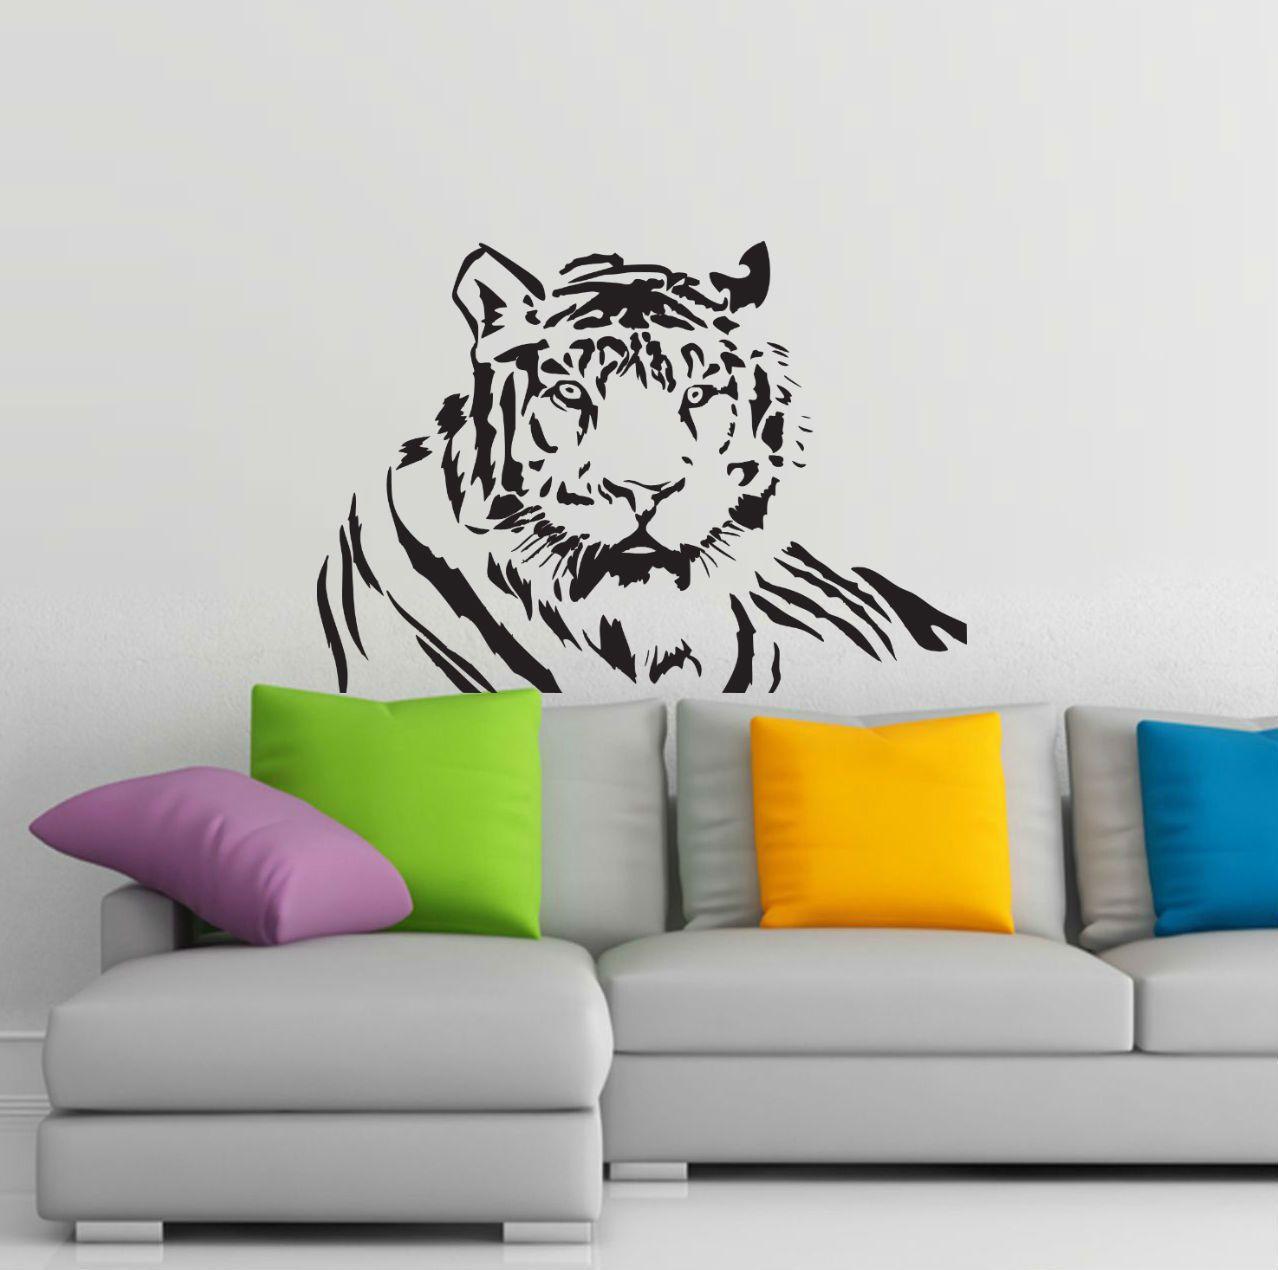 wall-stickers-tigre-tiger-adesivi-murali-da-pareti-parete-stencil ...